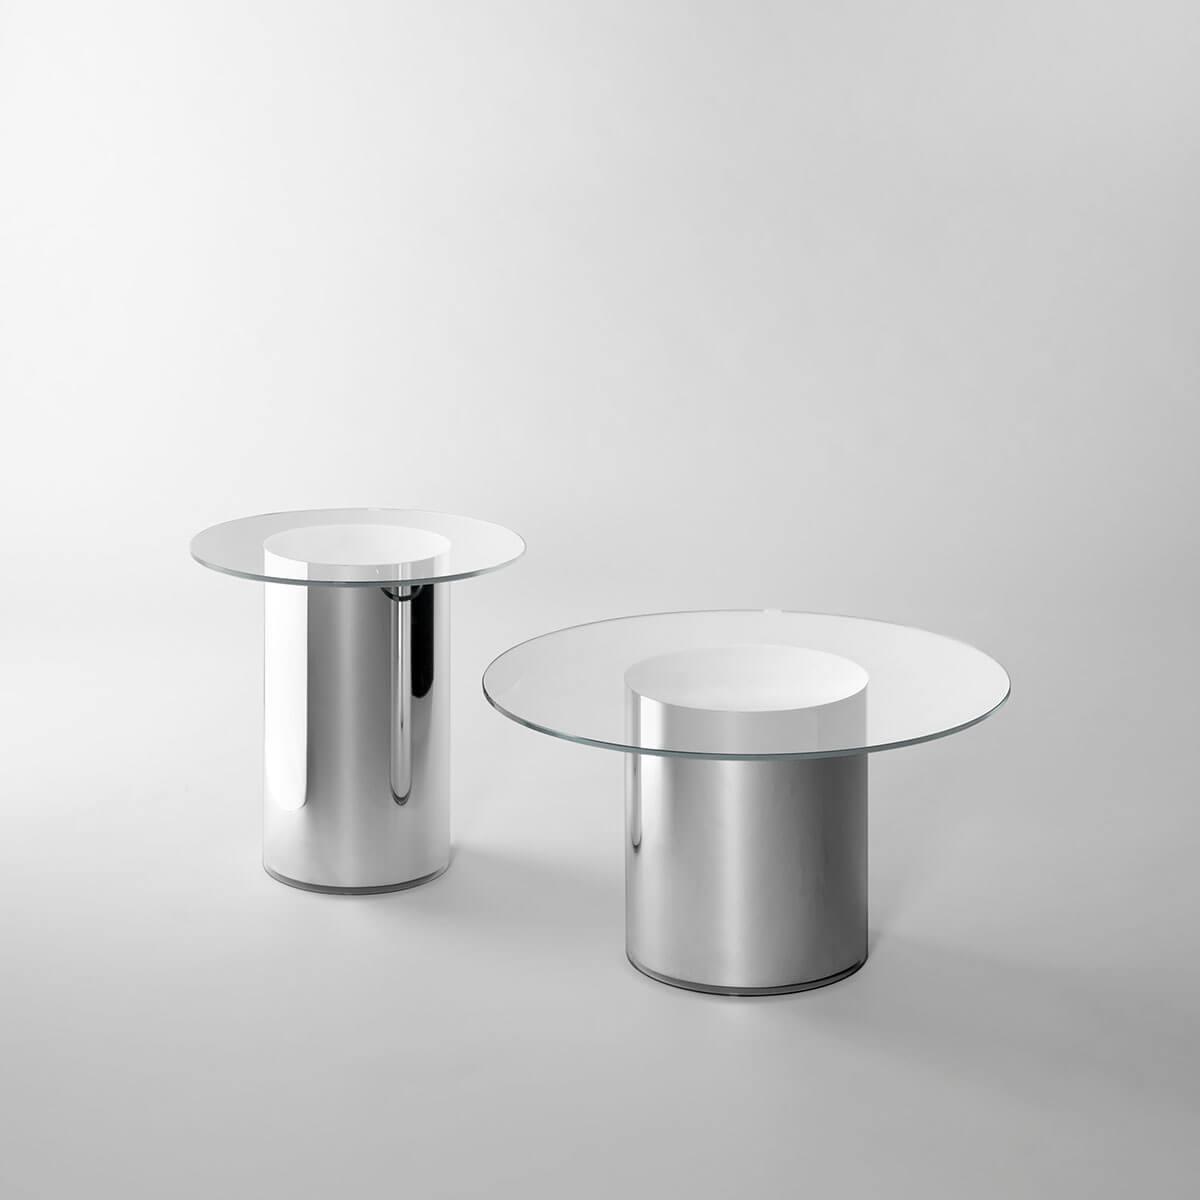 b.d barcelona design  2001 Side Tables 边几